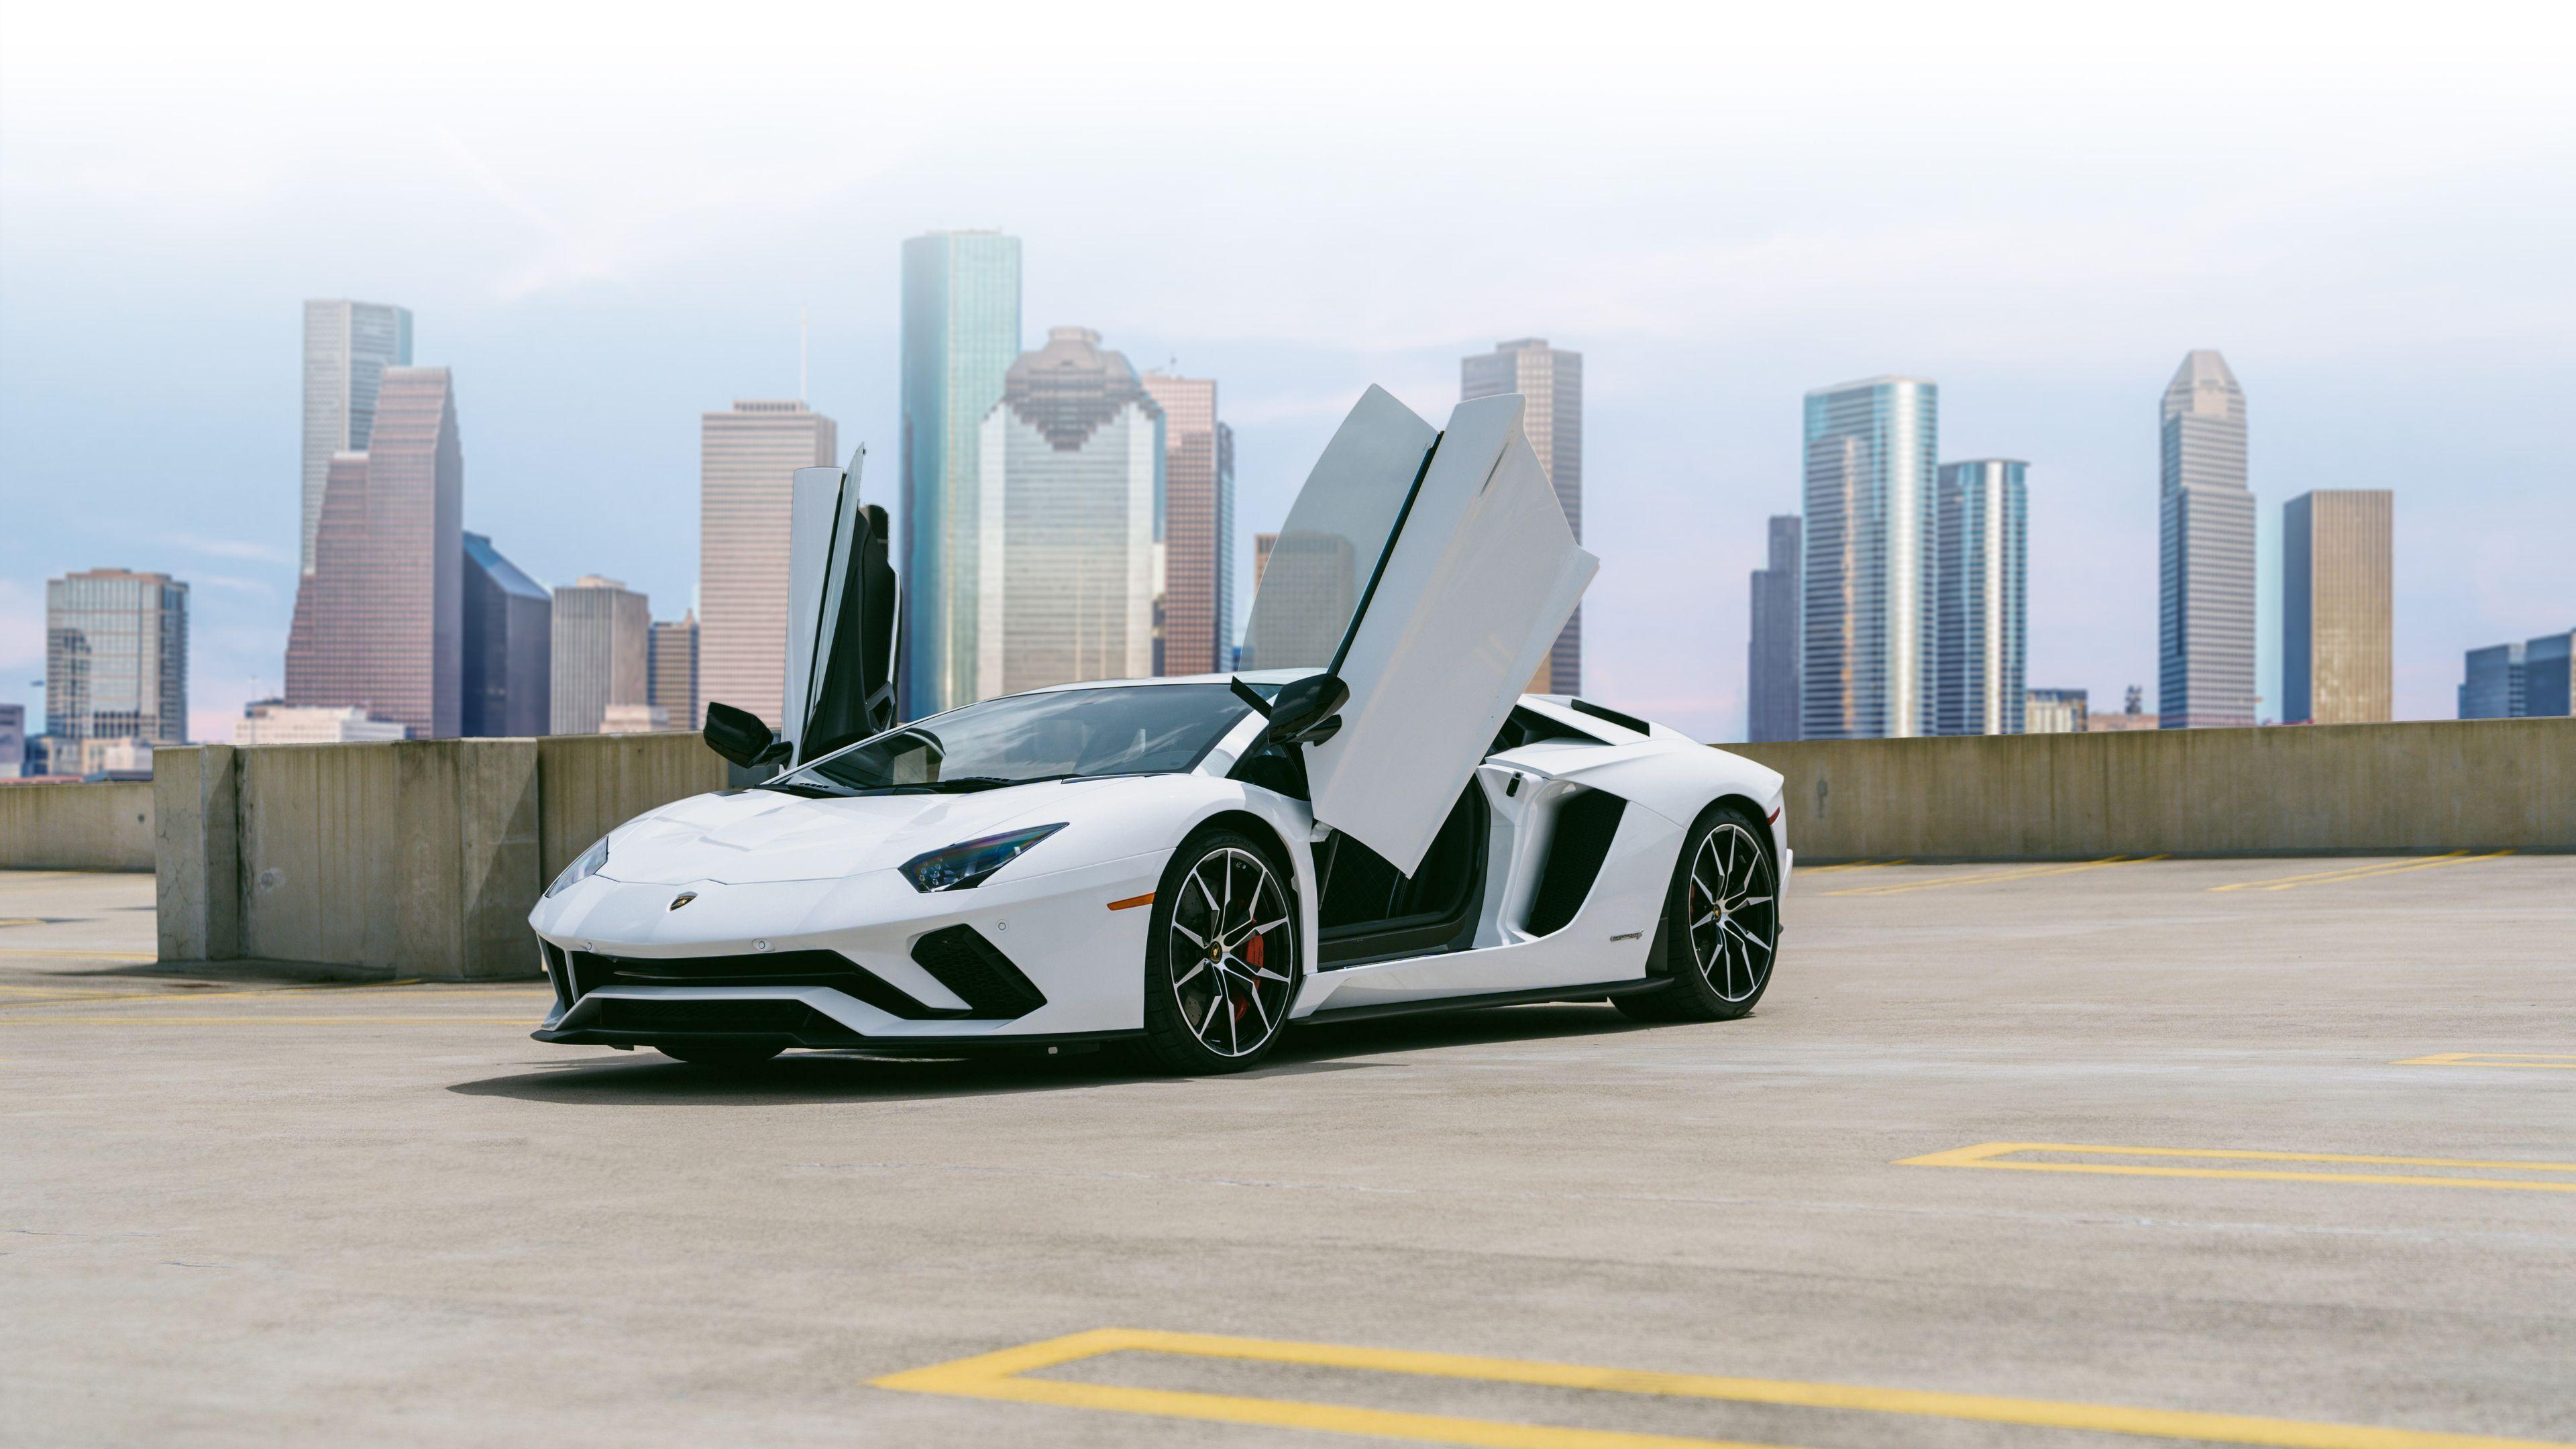 White Lamborghini Aventador 4k 2018 Lamborghini Wallpapers